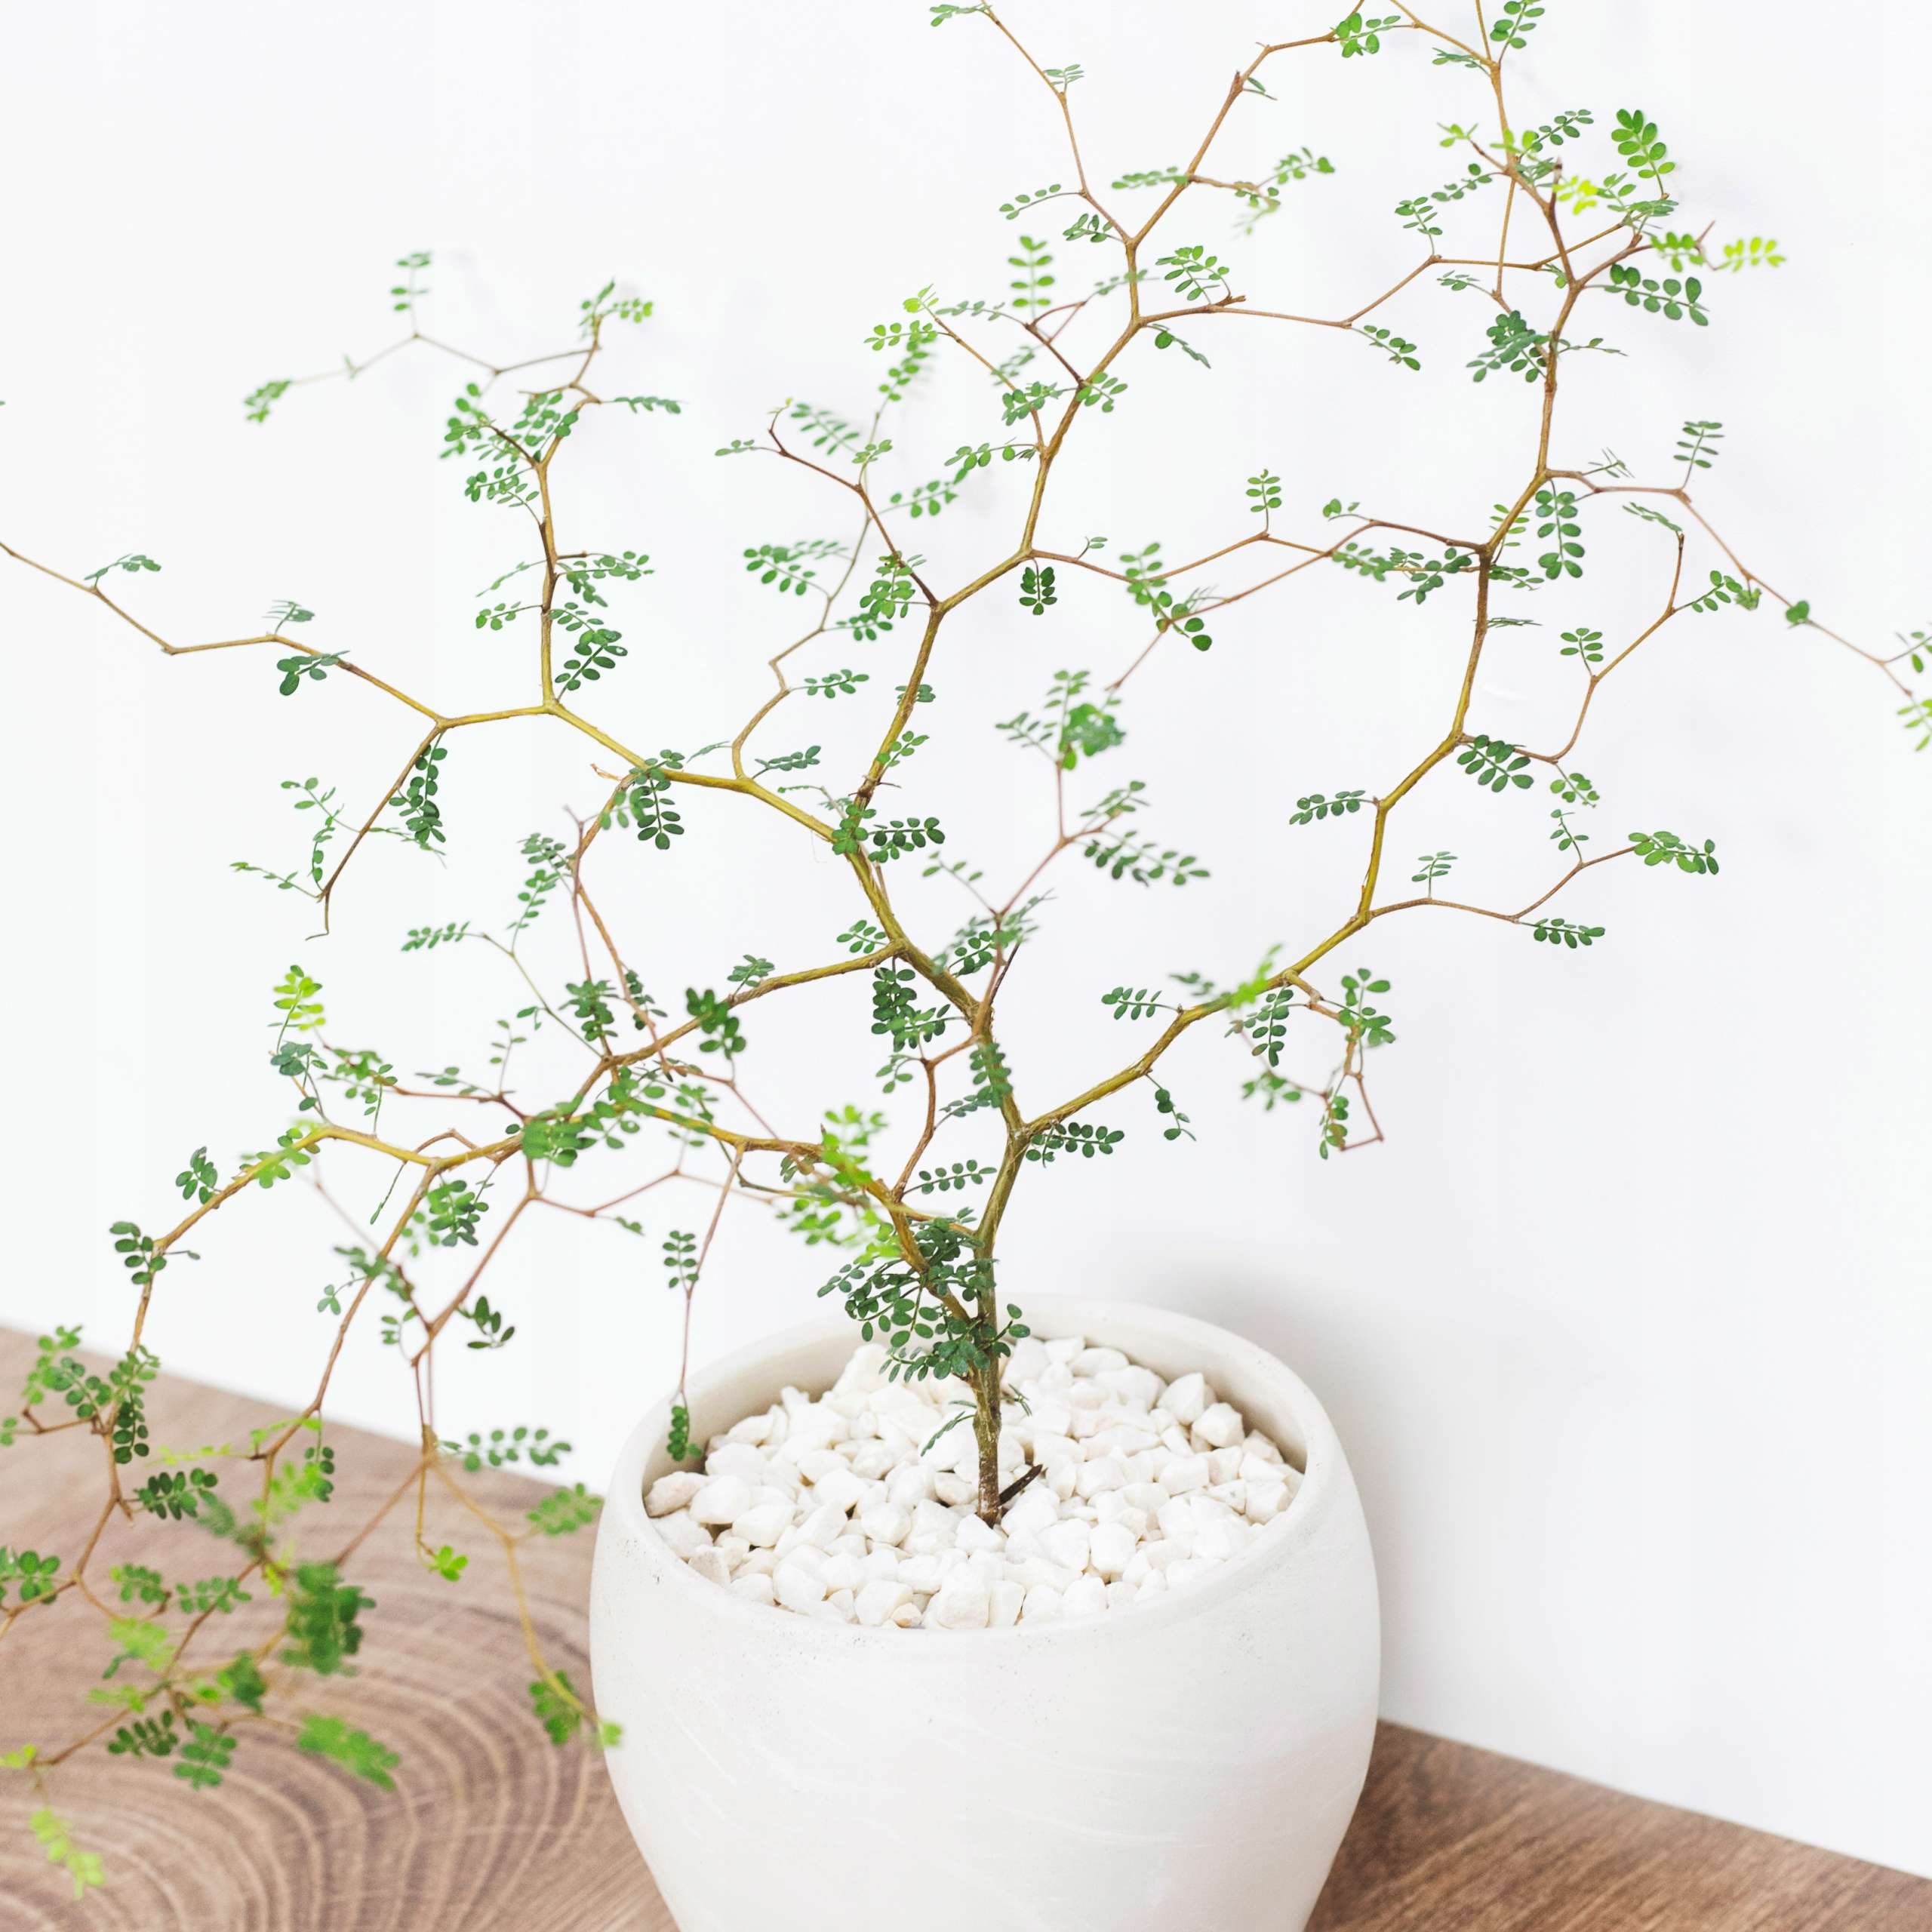 Sophora 'Little Baby' Perełkowiec drobnolistny